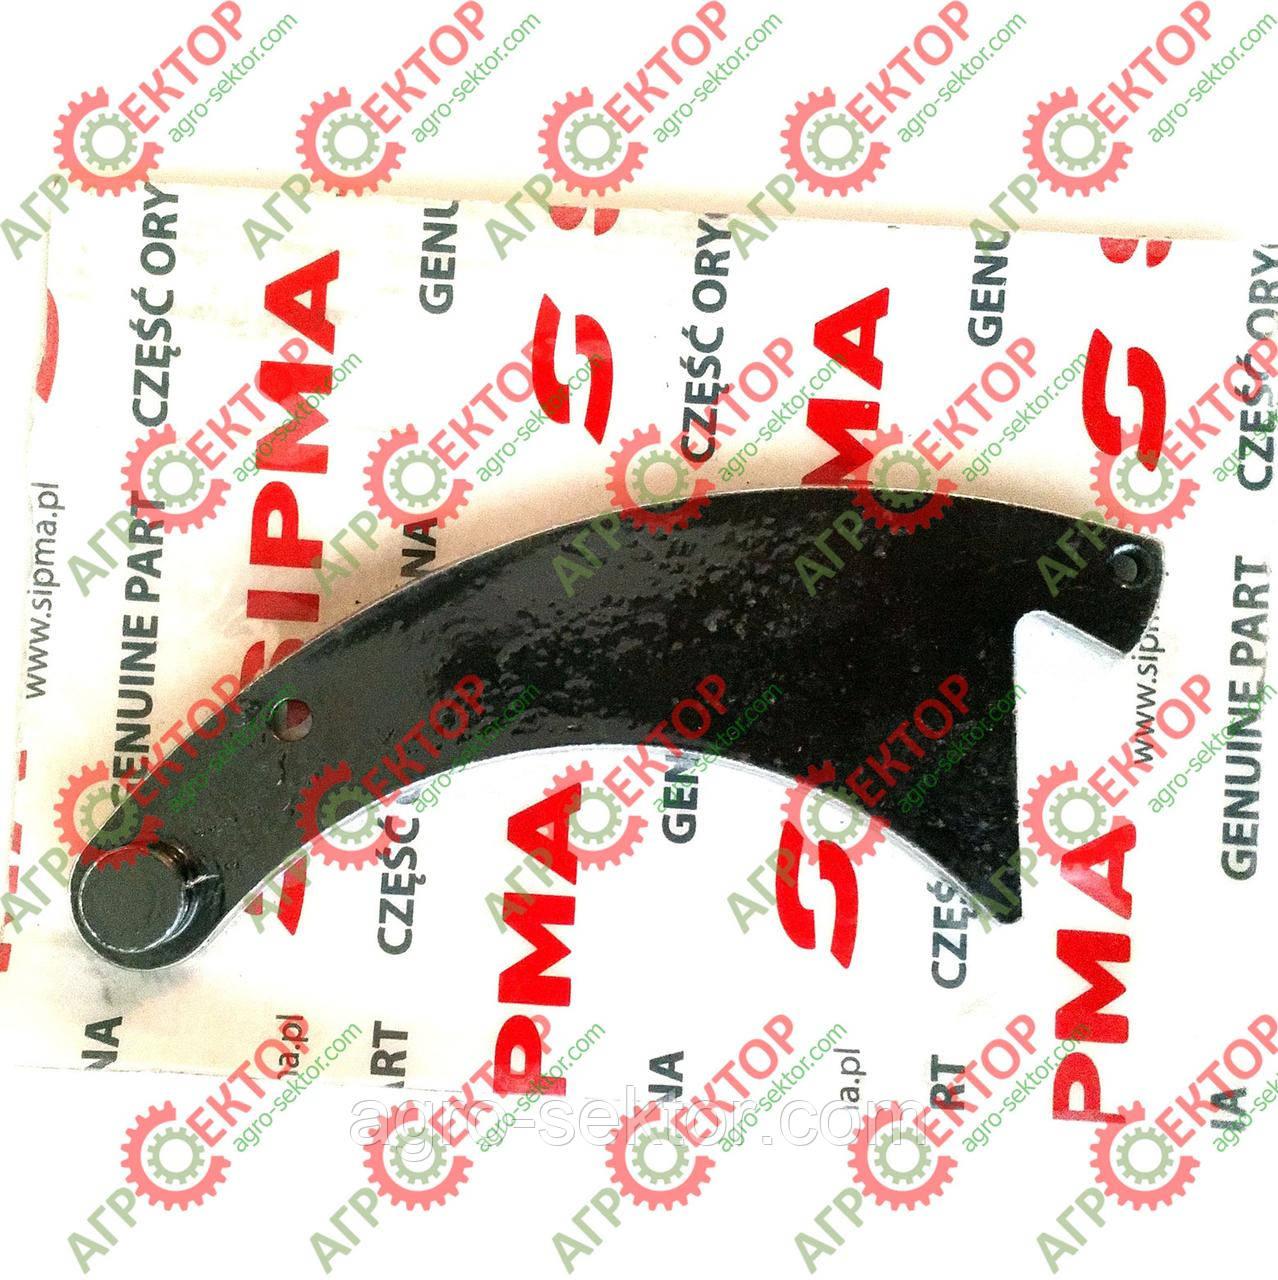 Собачка зубчатого колеса (фиксатор) привода вязального механизма на пресс-подборщик Sipma Z-22 2023-080-530.01